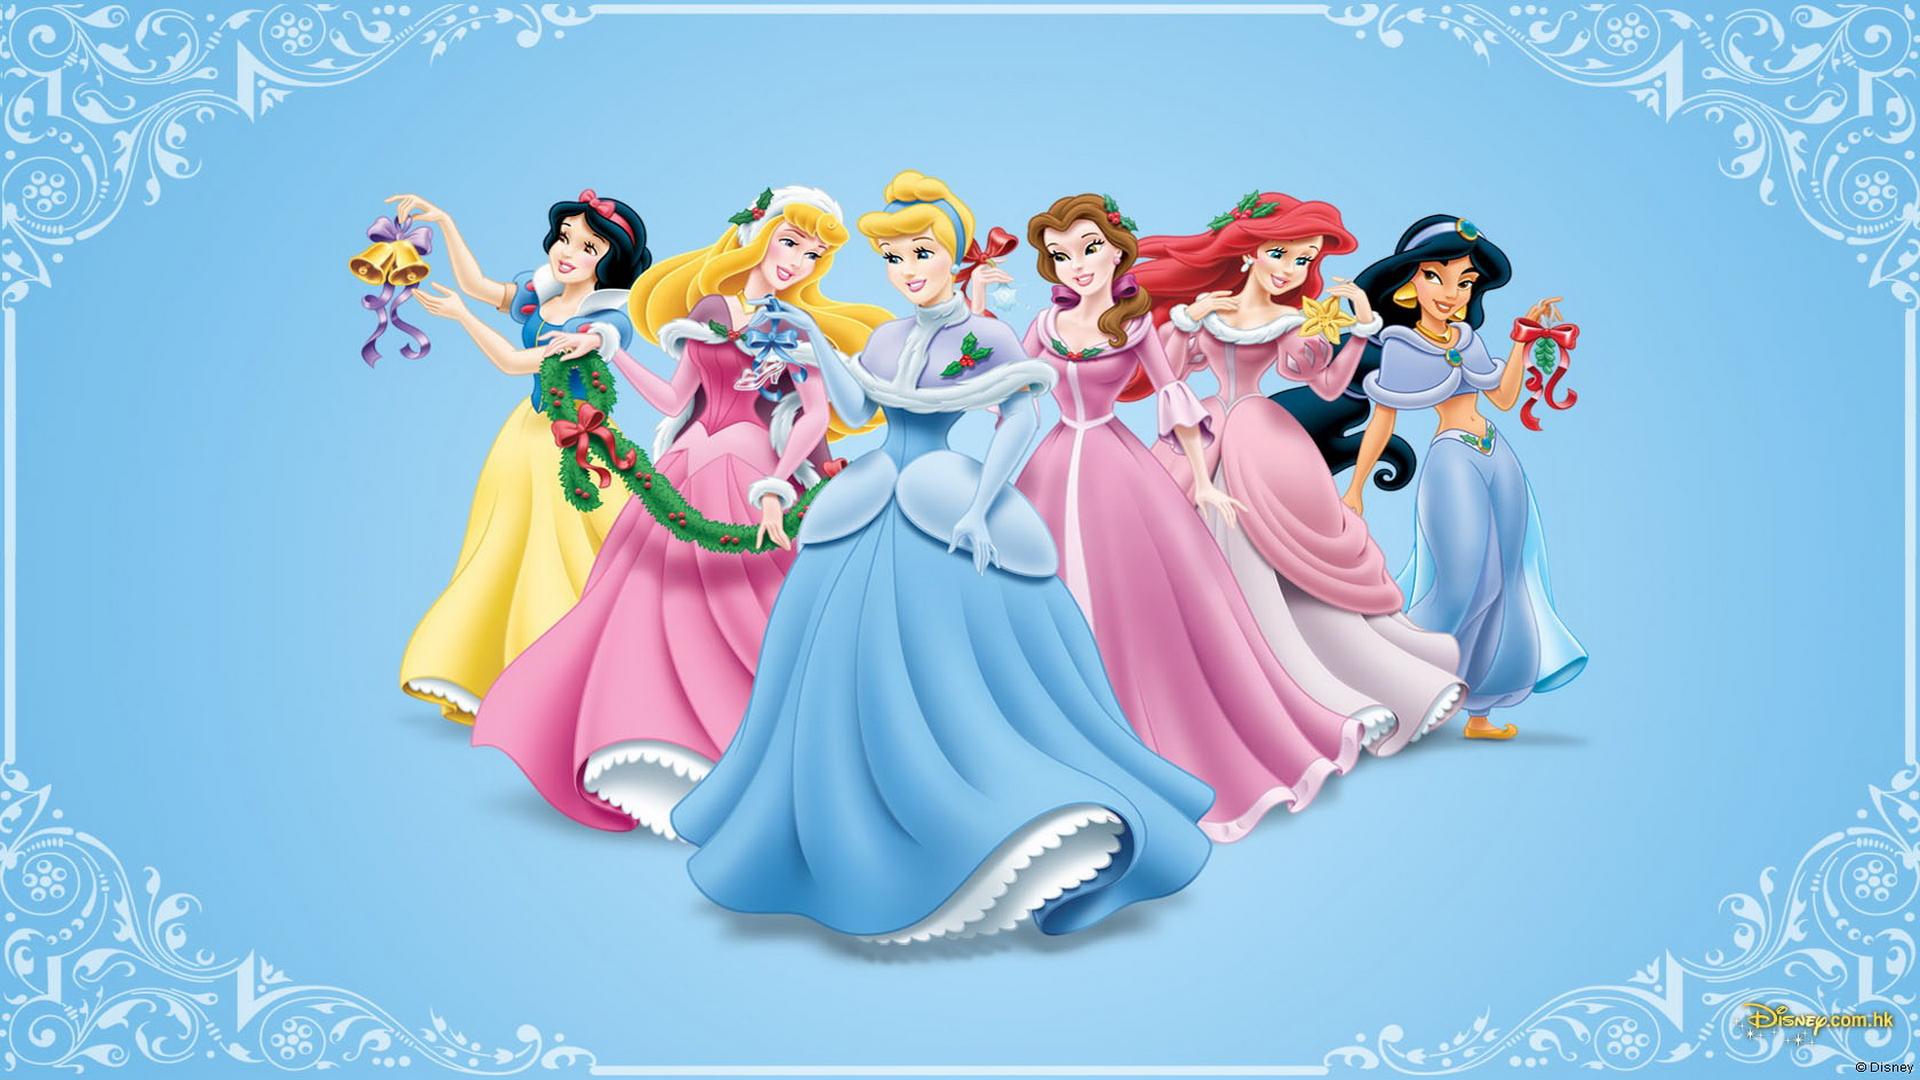 princess wallpaper uk